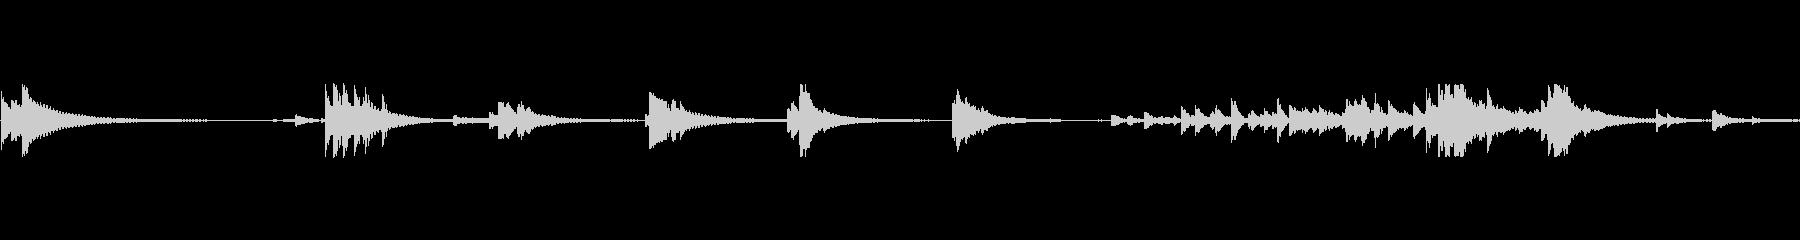 ベルテンプルリングマルチfの未再生の波形